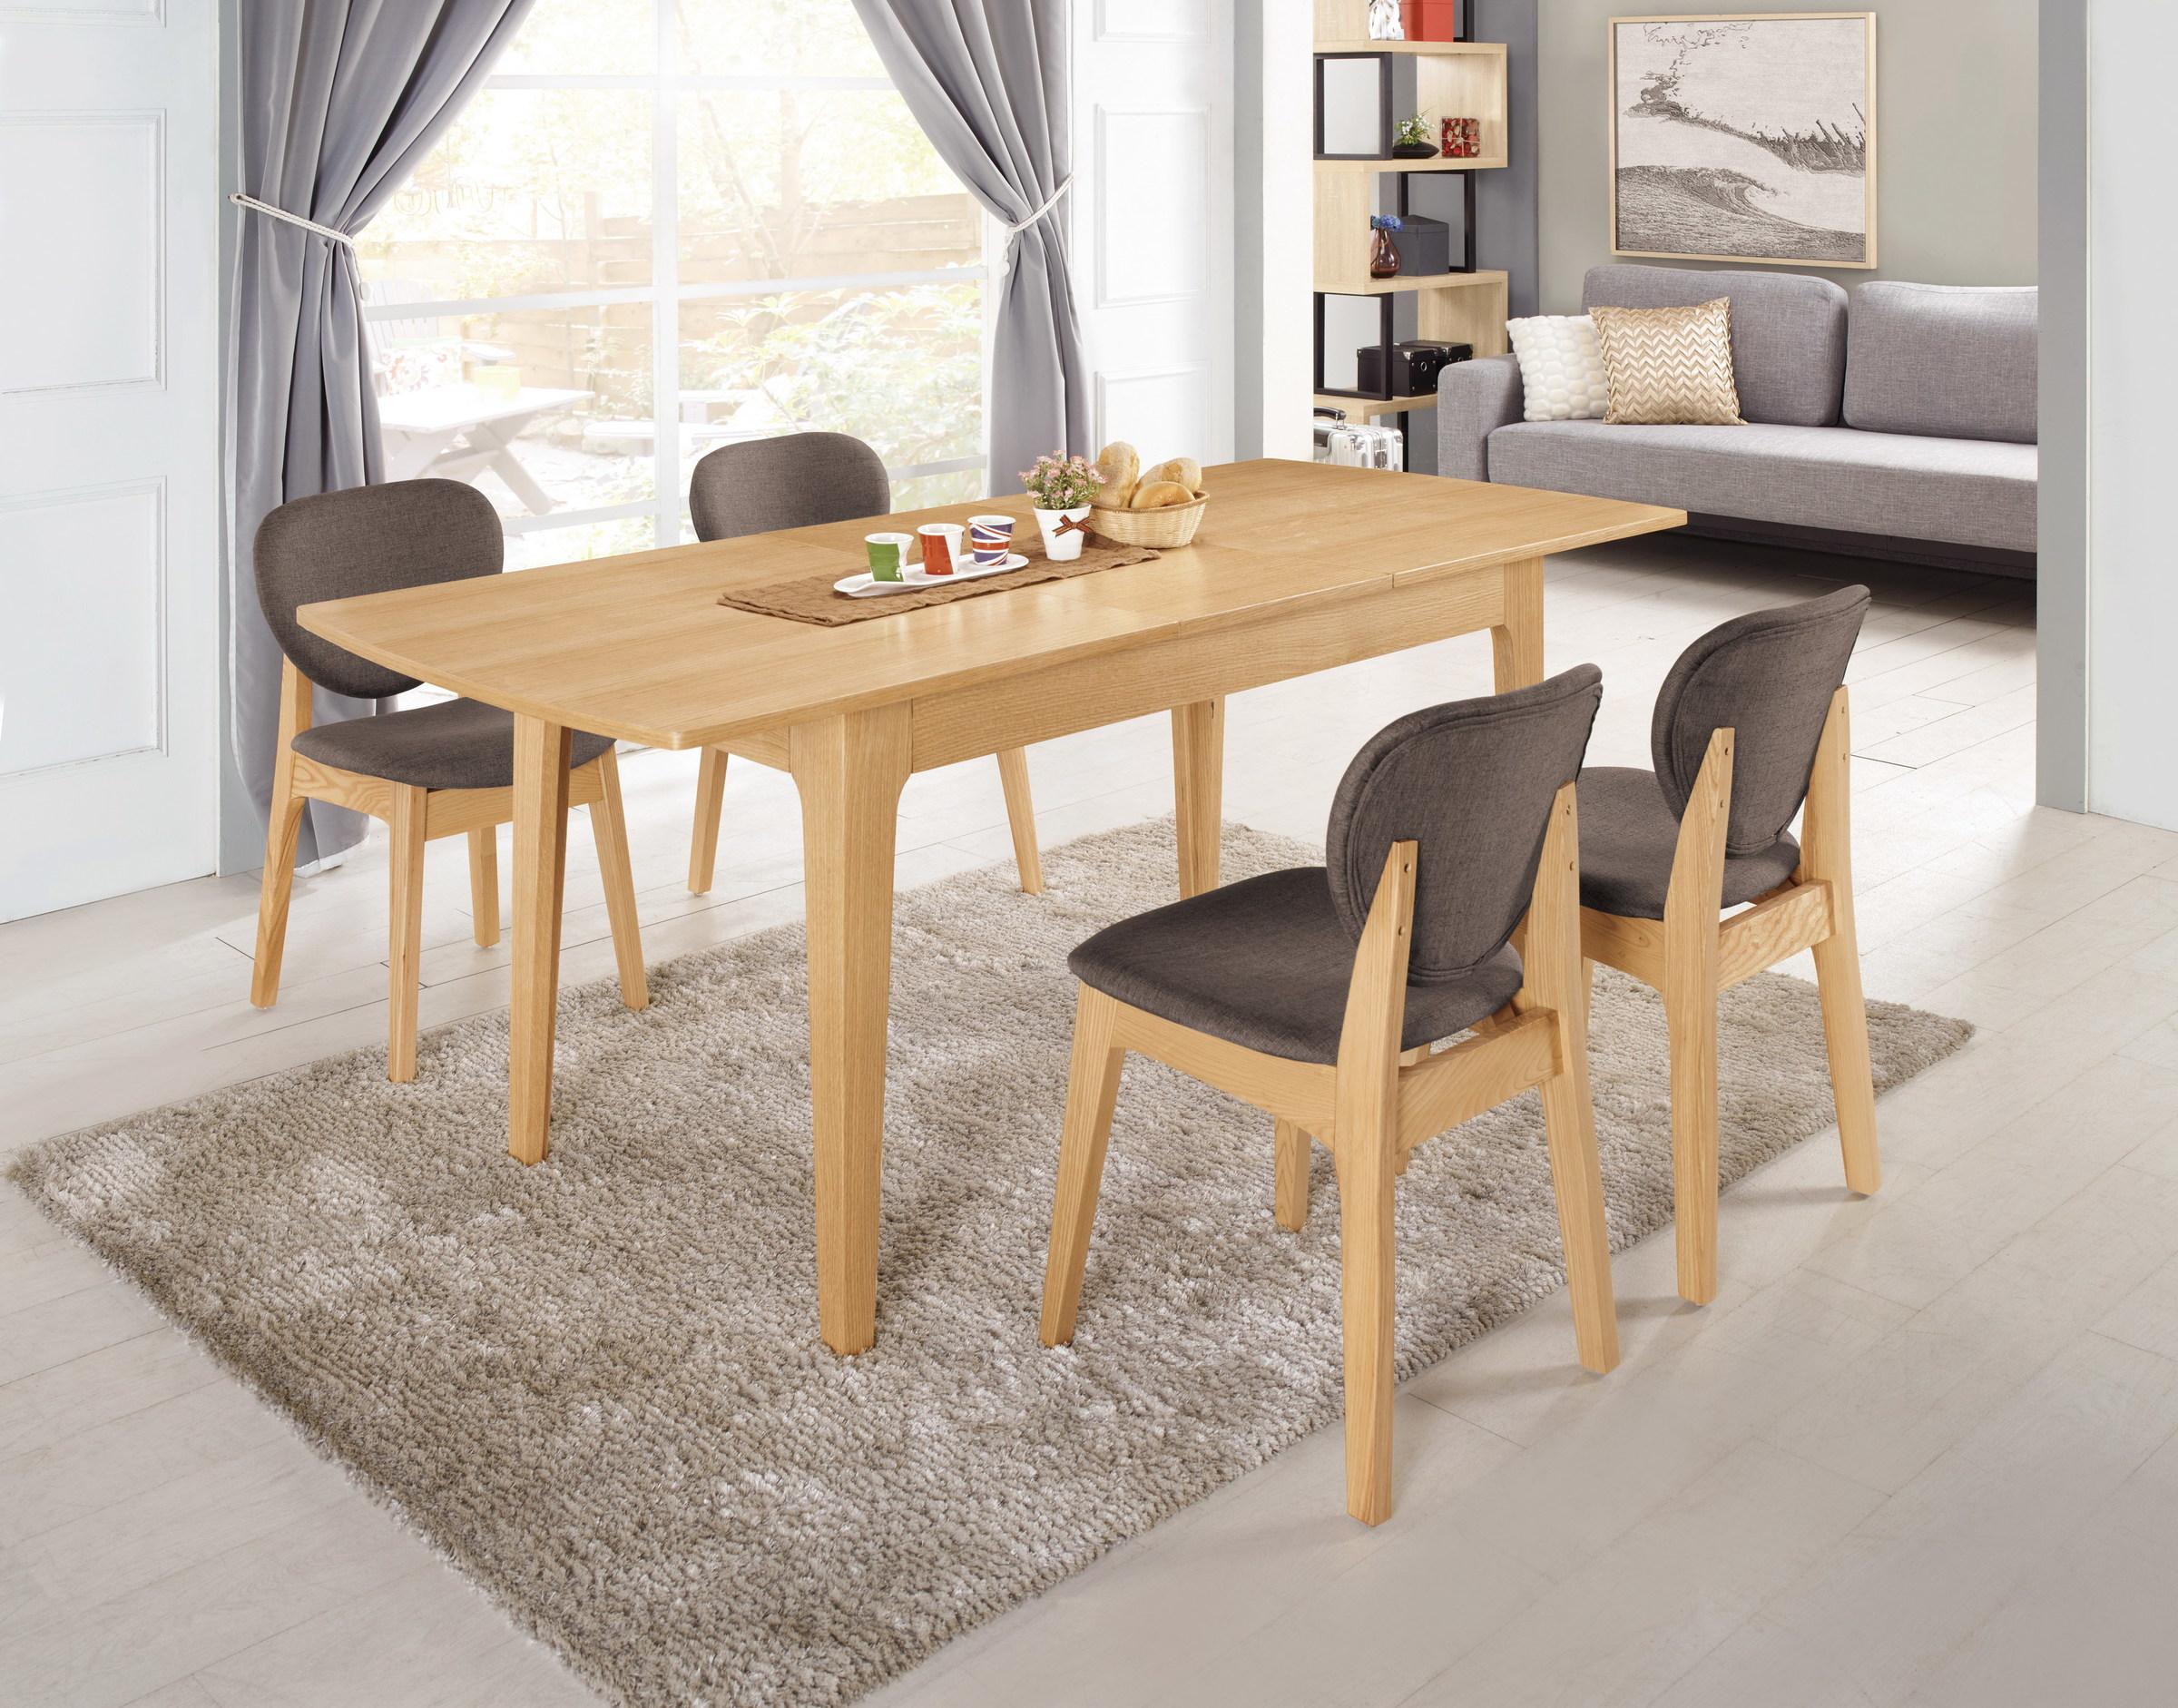 445-1 納維亞6.3尺多功能餐桌+515-6.jpg